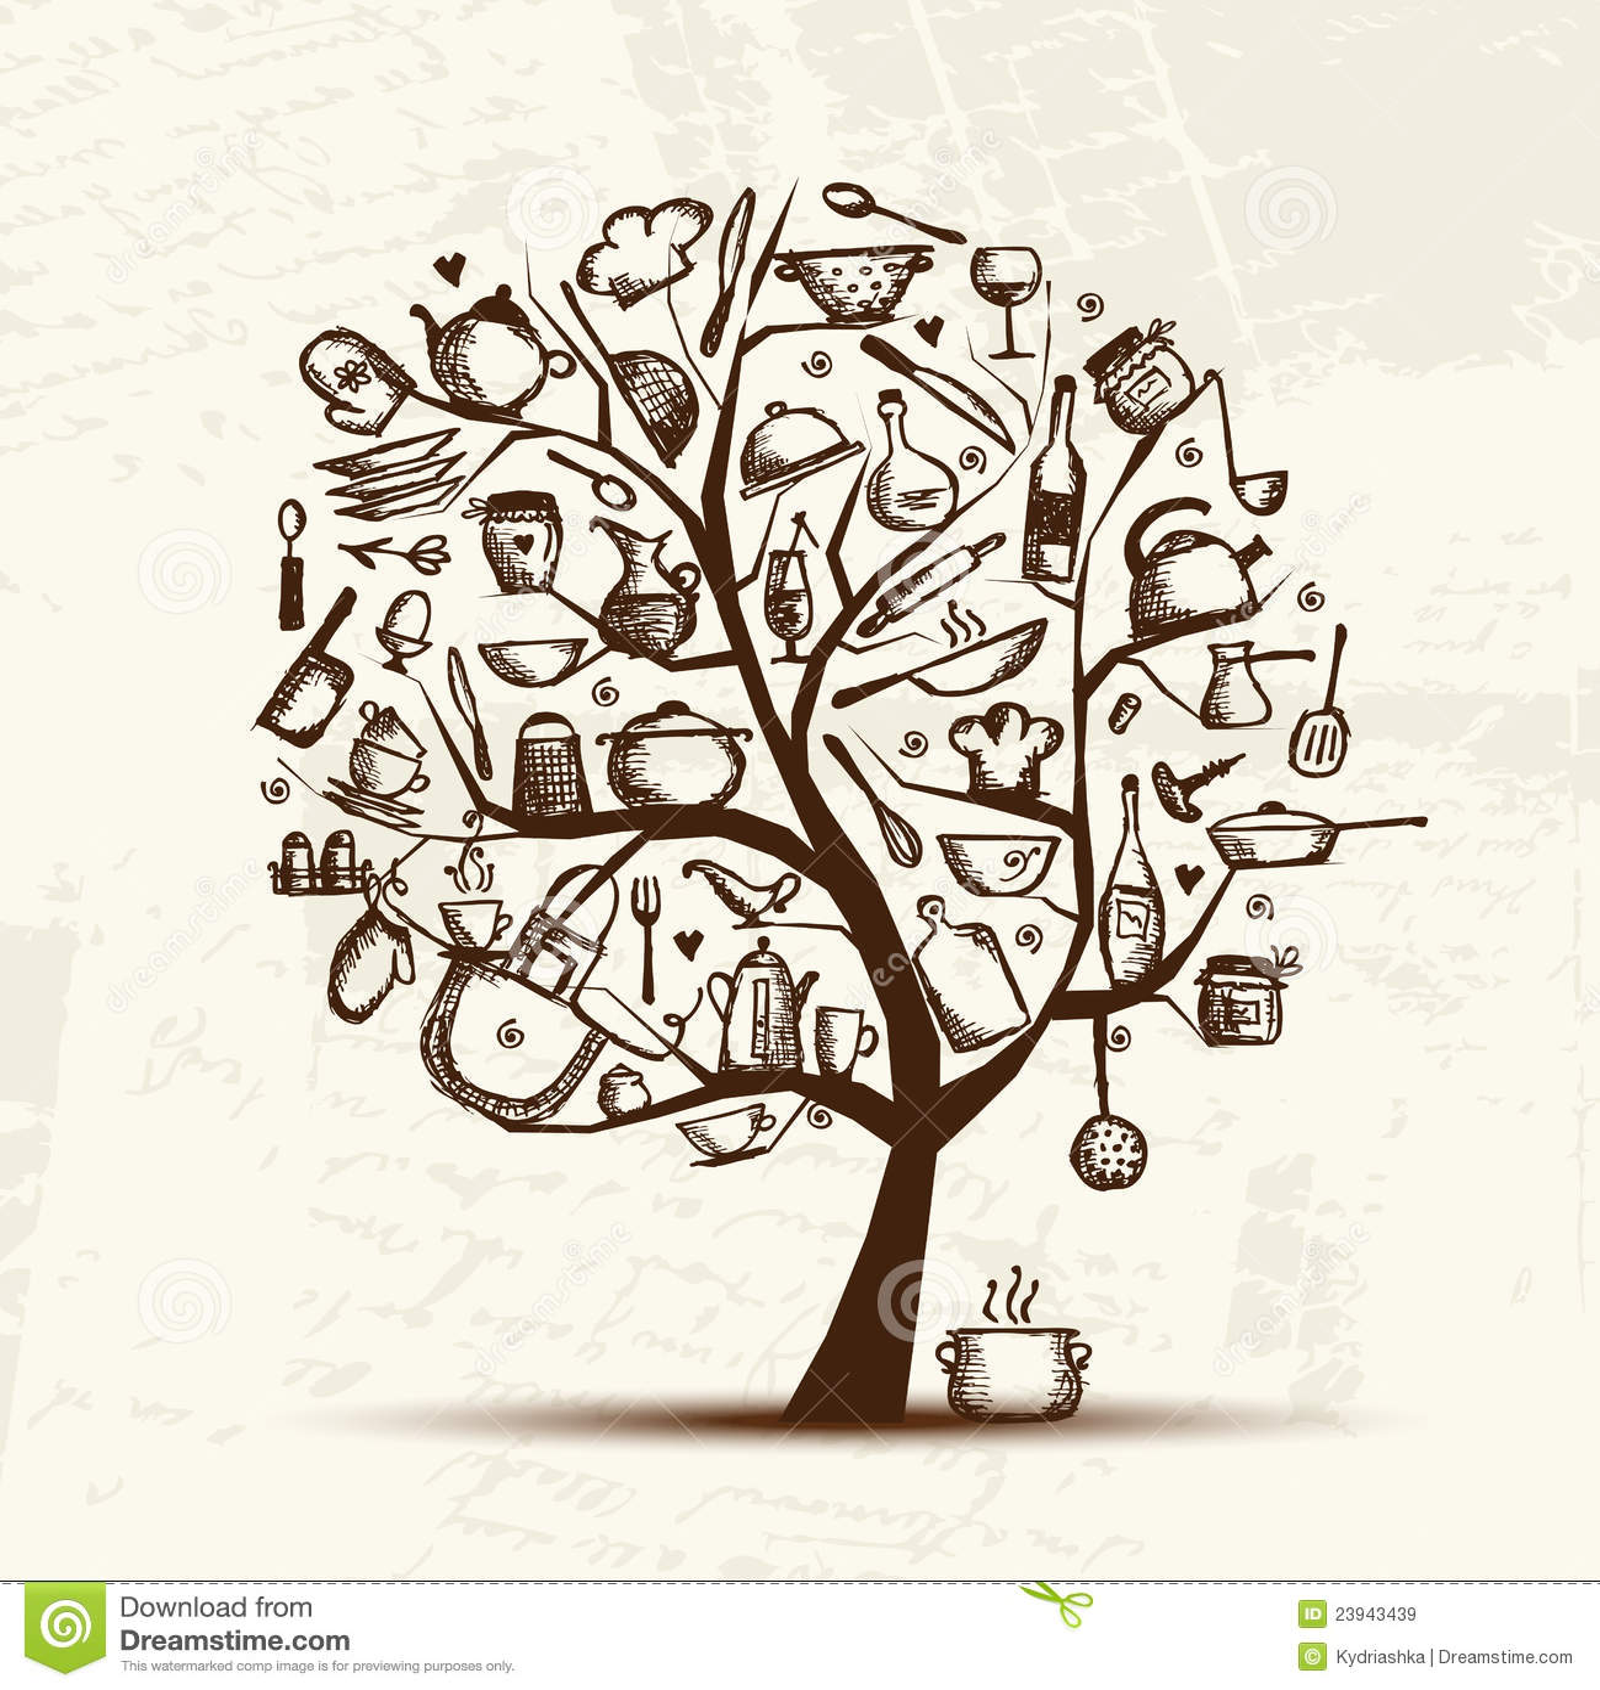 #3F200E Árvore Com Utensílios Da Cozinha Desenho Da Arte De Esboço Imagens  1300x1390 px Nova Cozinha Desenhos Imagens_617 Imagens